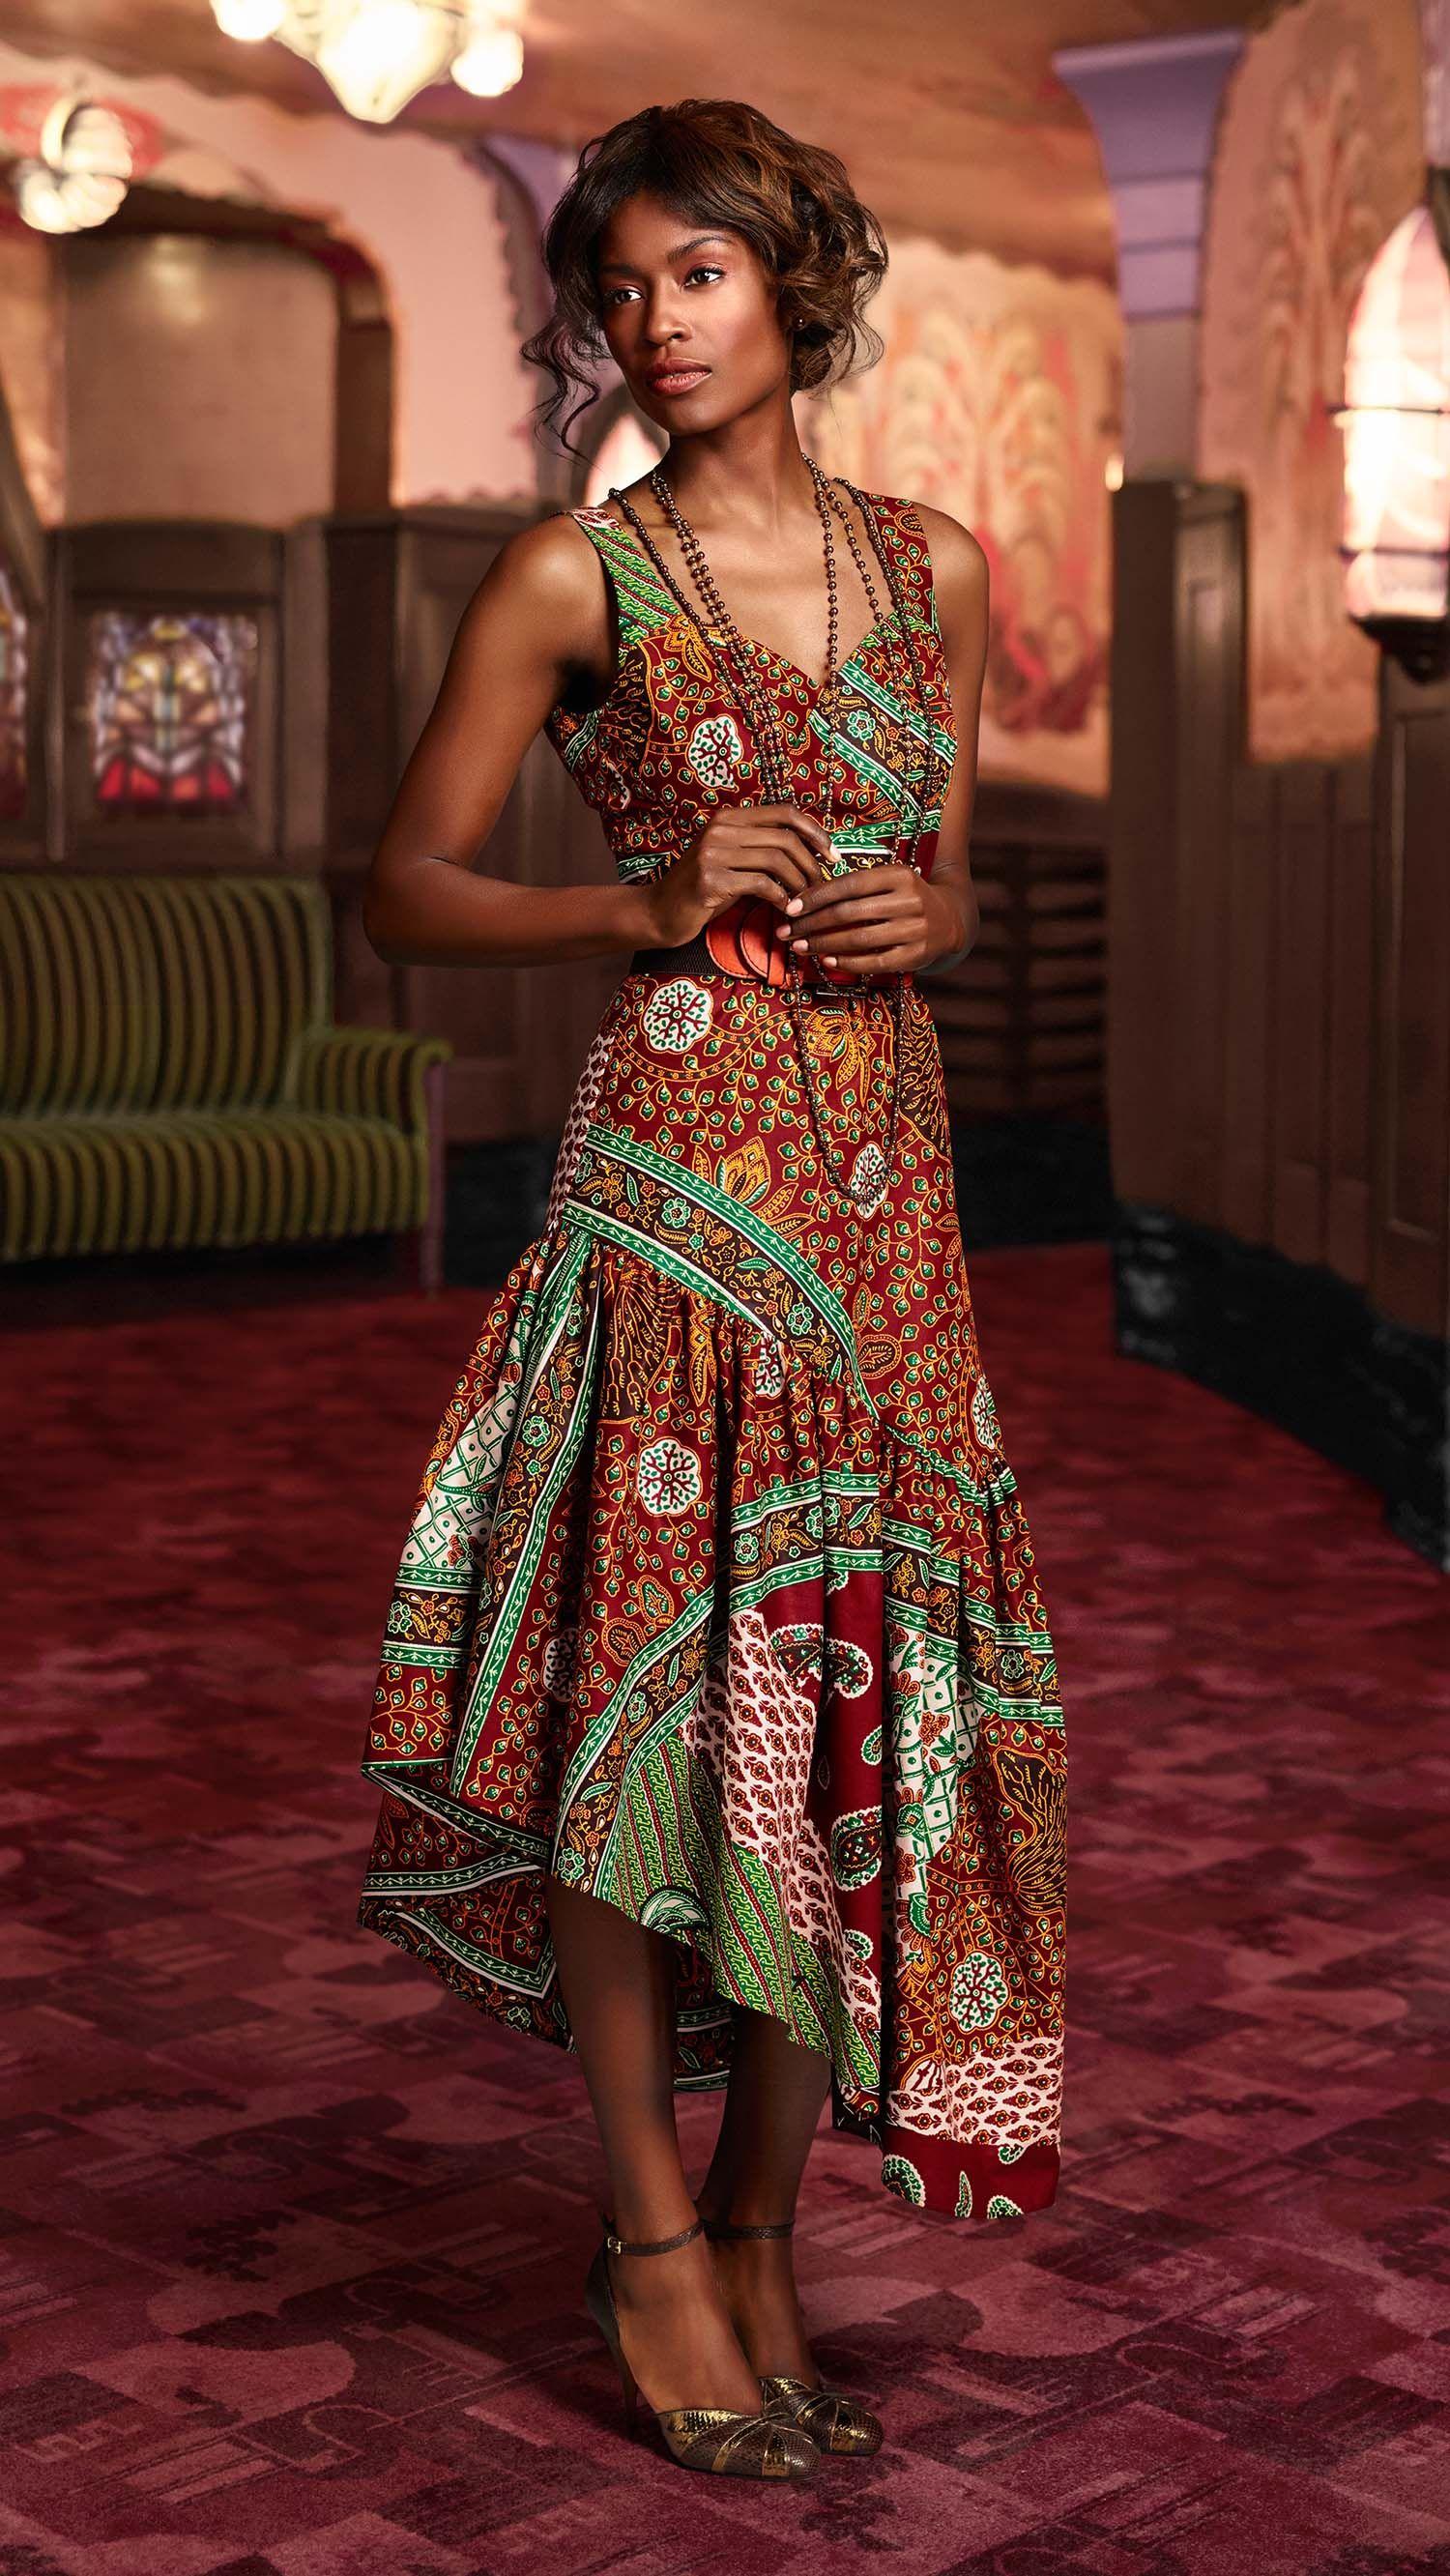 nouveau heritage vlisco v inspired fashion pinterest mode africaine tenue africaine et. Black Bedroom Furniture Sets. Home Design Ideas